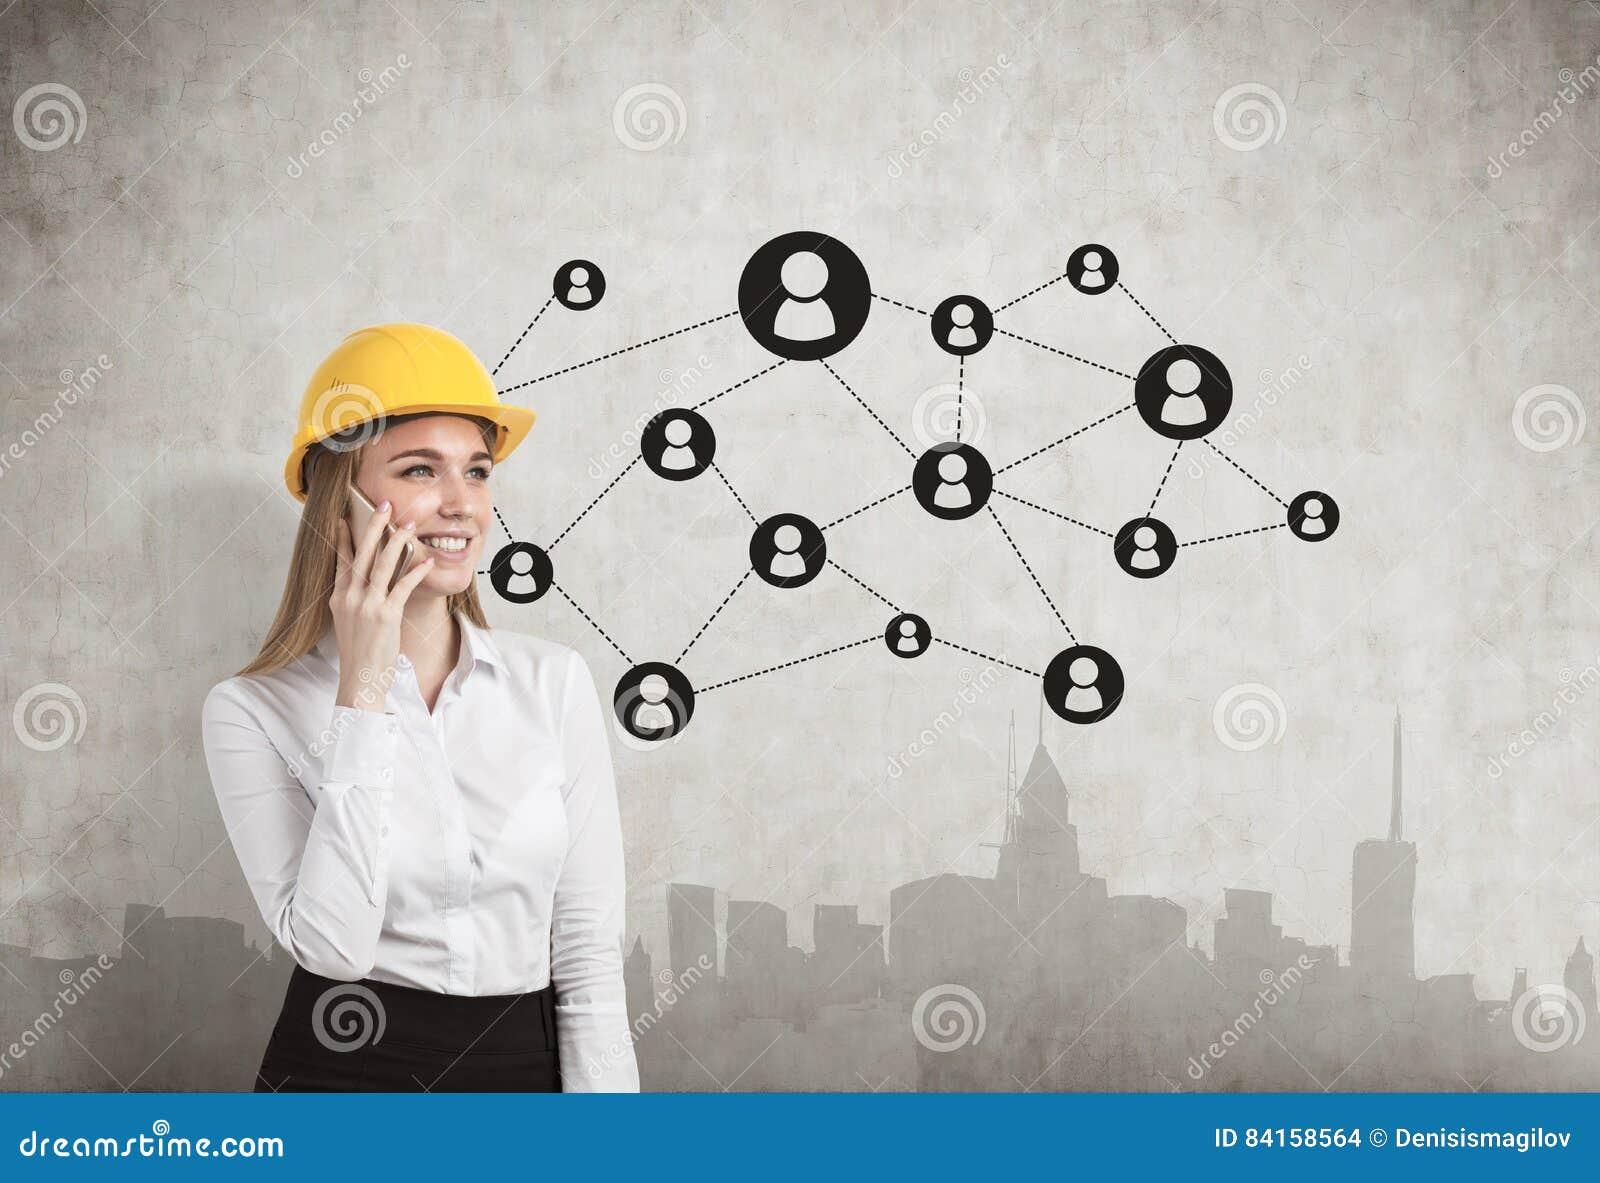 Mulher no capacete de segurança, muro de cimento, rede, cidade